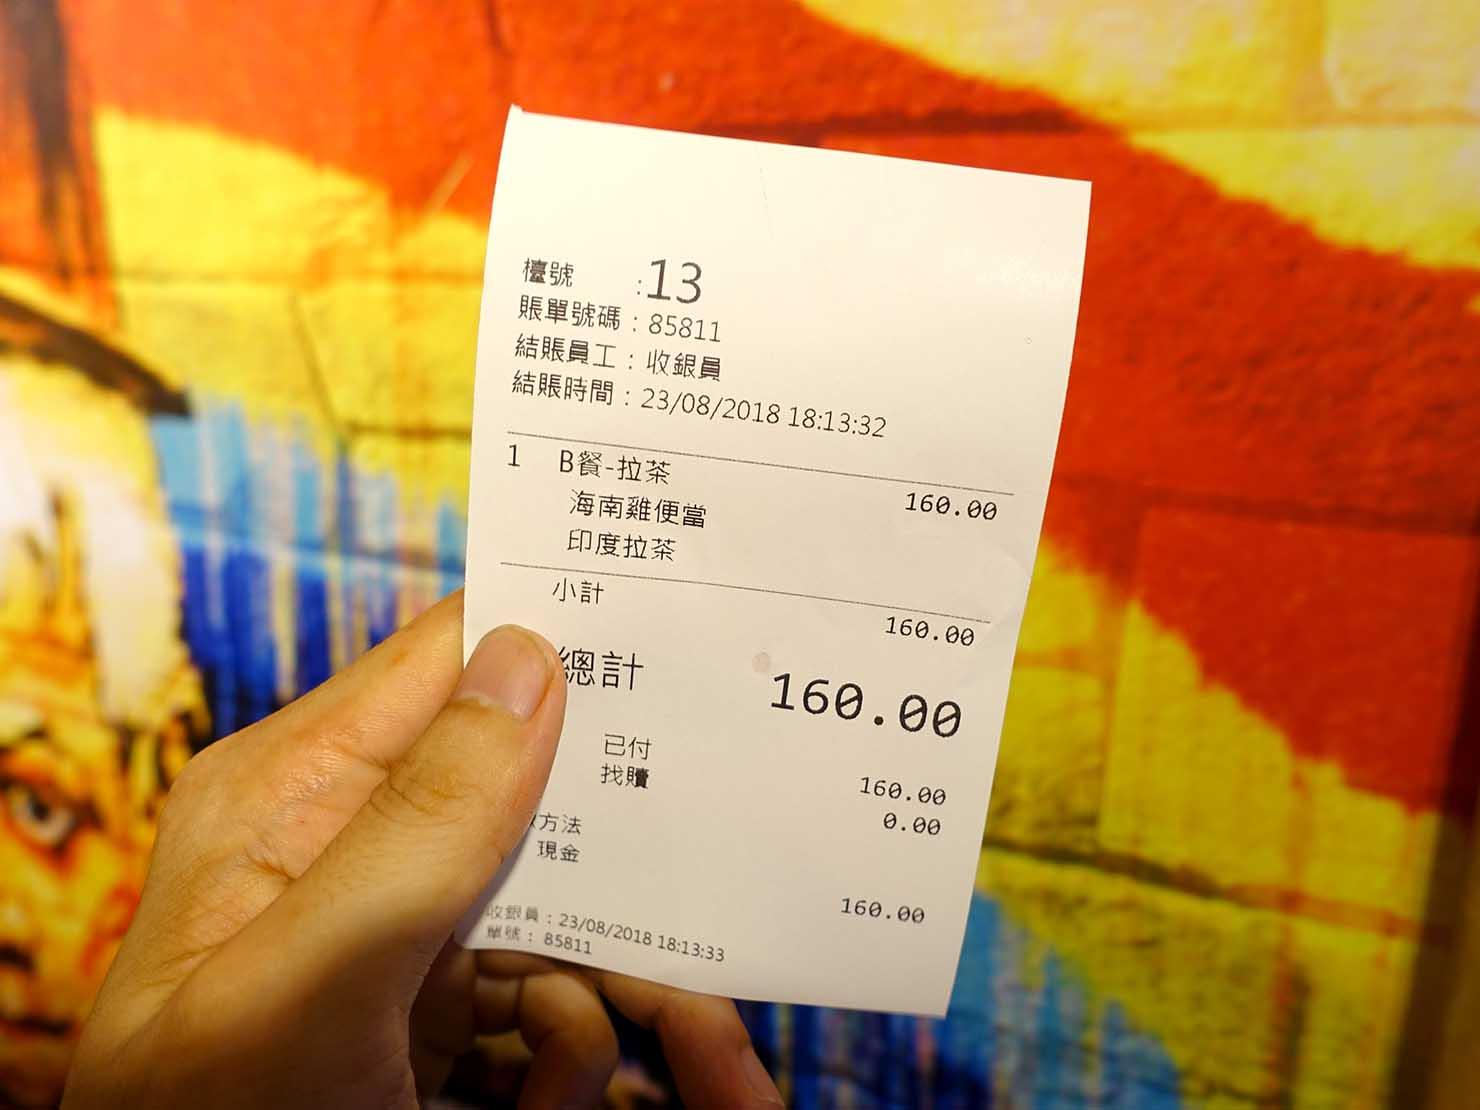 台北・中山駅周辺のおすすめグルメ店「甘榜馳名海南鶏飯」のレシート